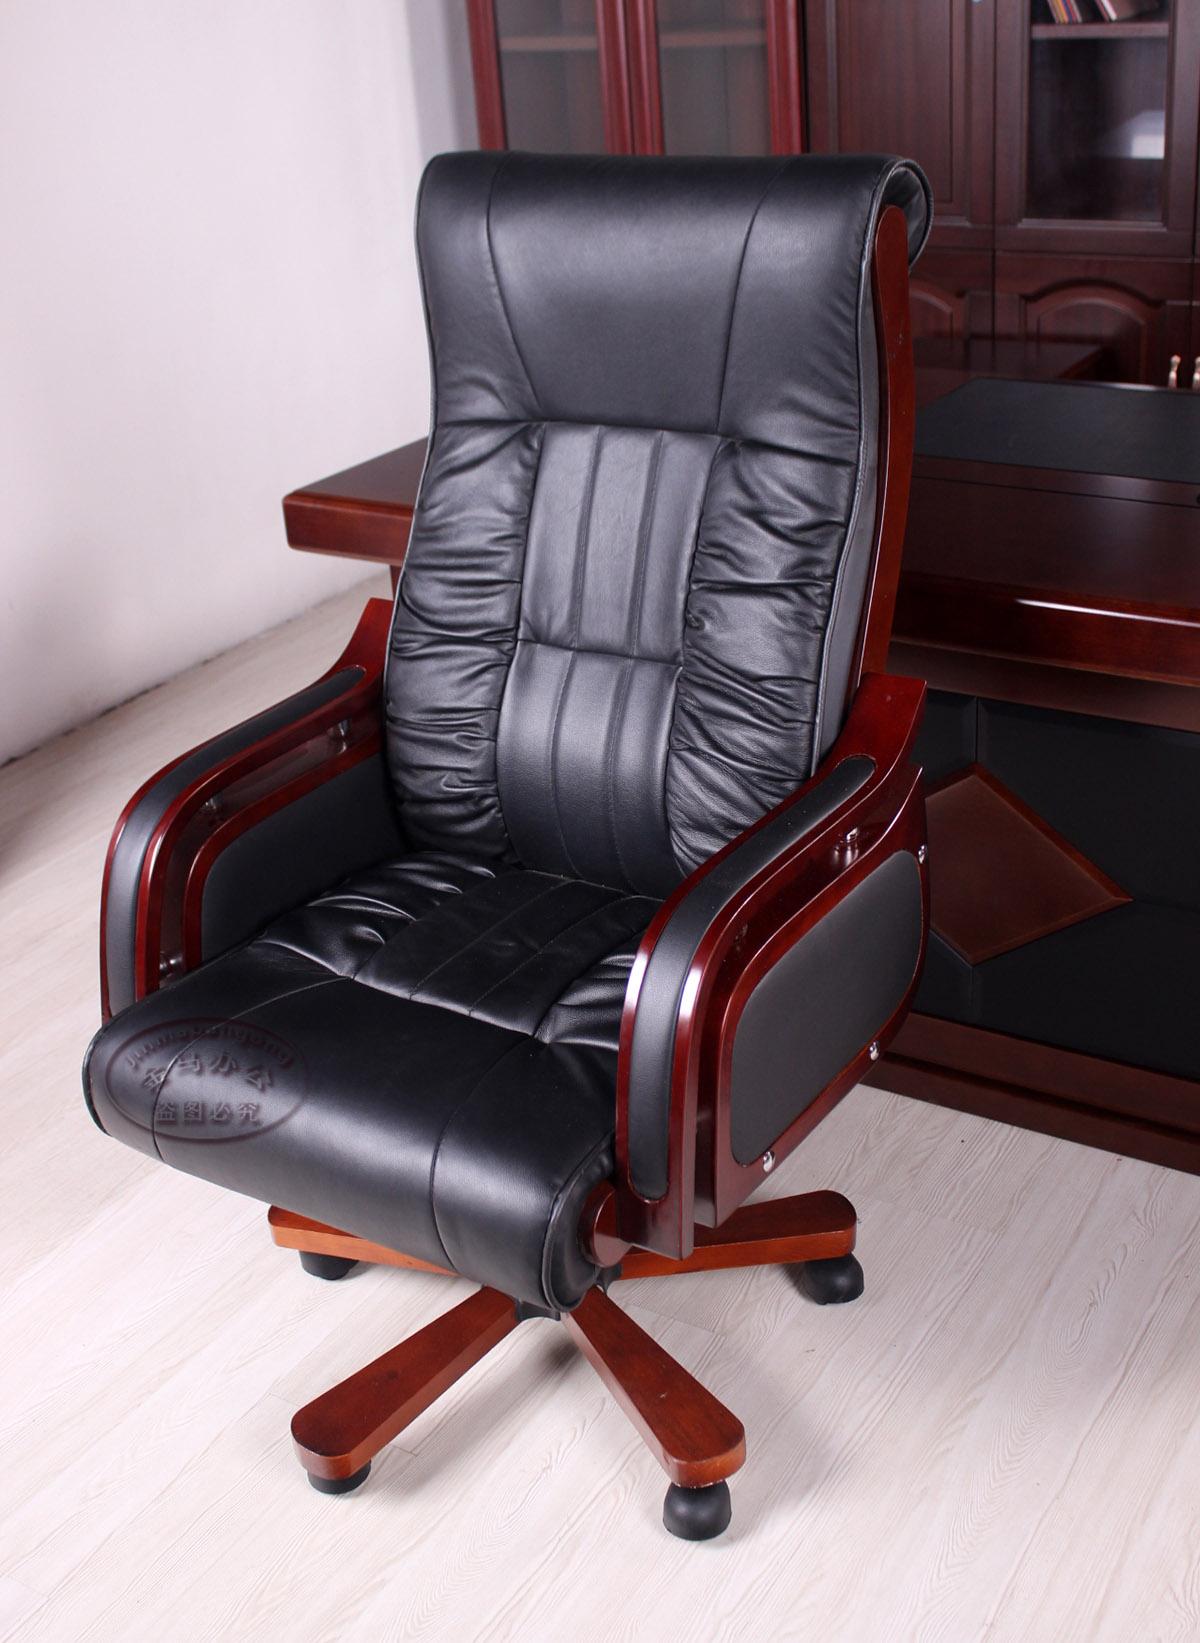 真牛皮大中班椅实木老板椅转椅电脑椅办公椅休闲椅可定做正品促销